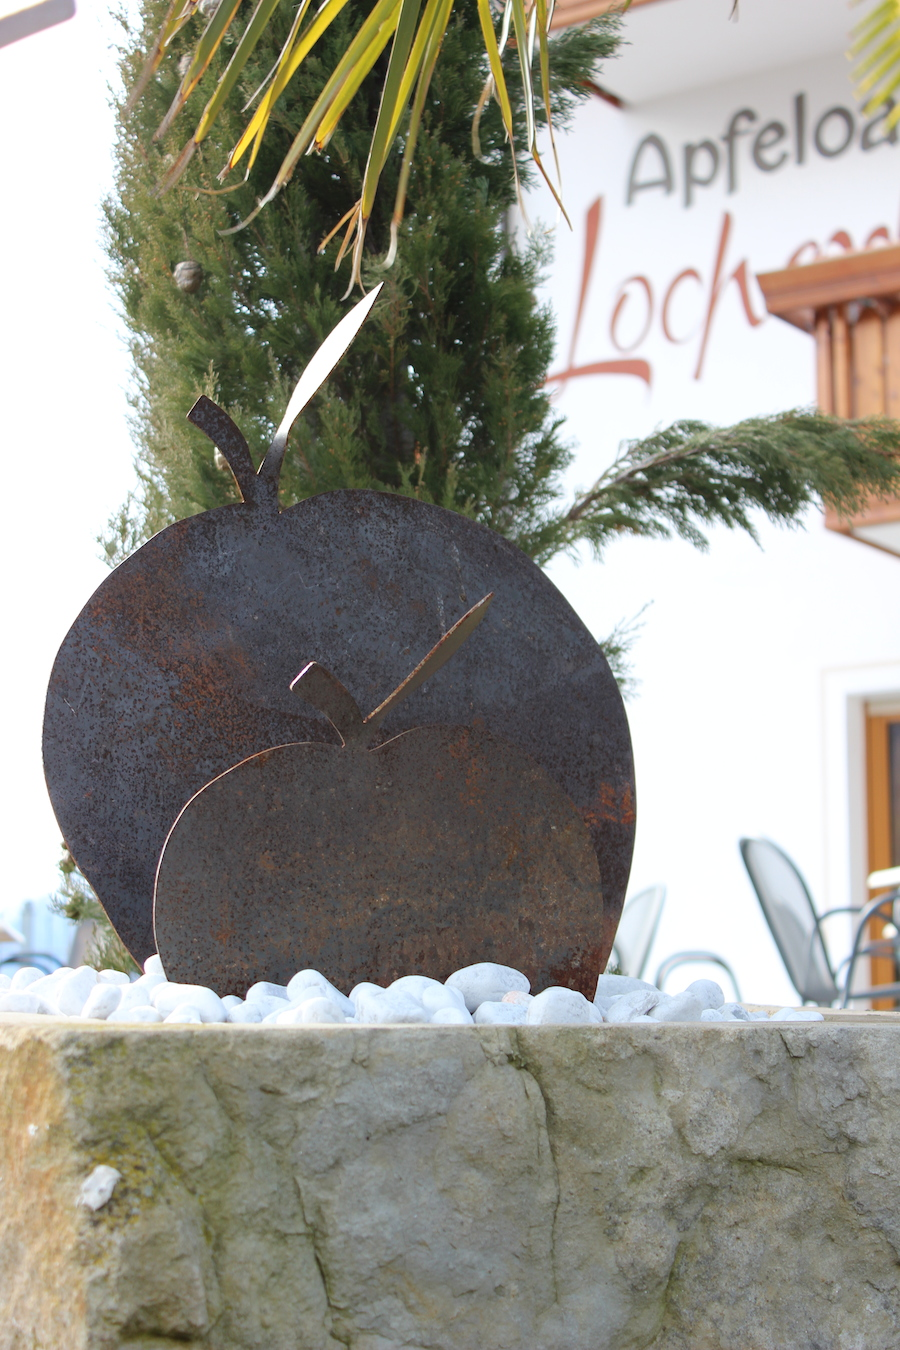 Apfeloase Schenna Südtirol 7